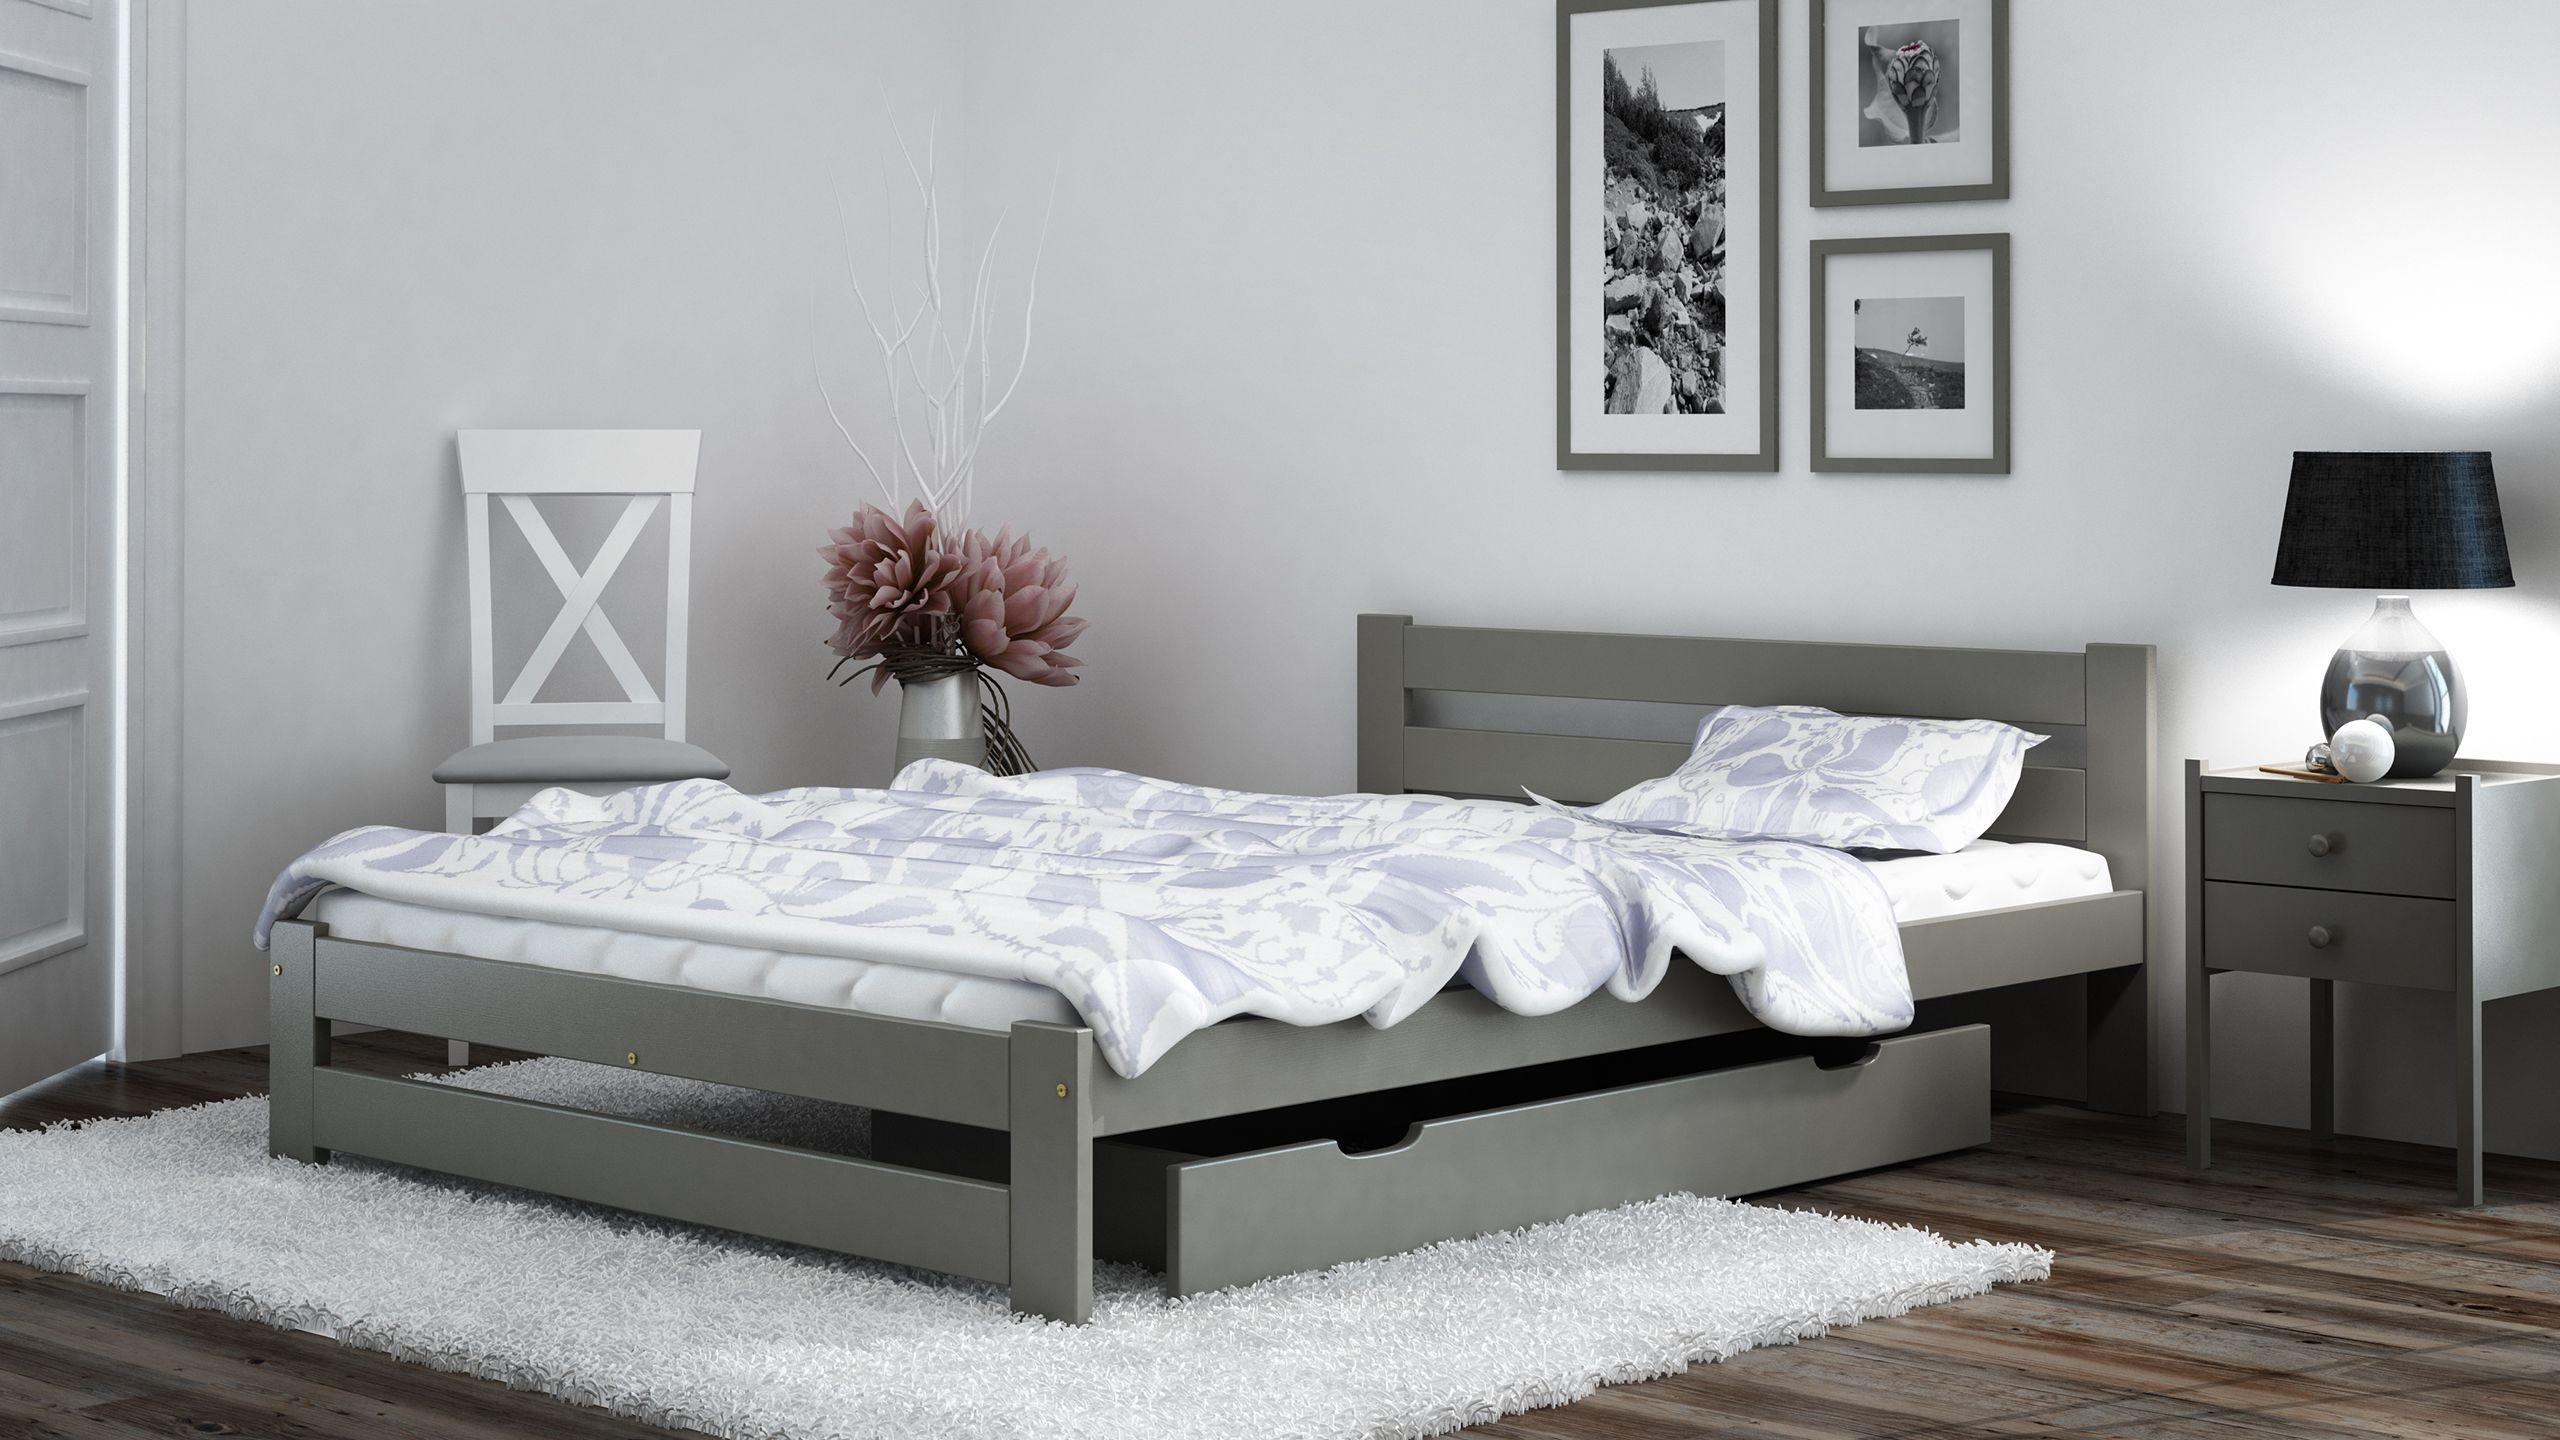 Die Schublade Mfd329 Ist Komplett Aus Kiefernholz Gefertigt Bettkasten Mit Bildern Bett Mit Lattenrost Bett Holzbetten